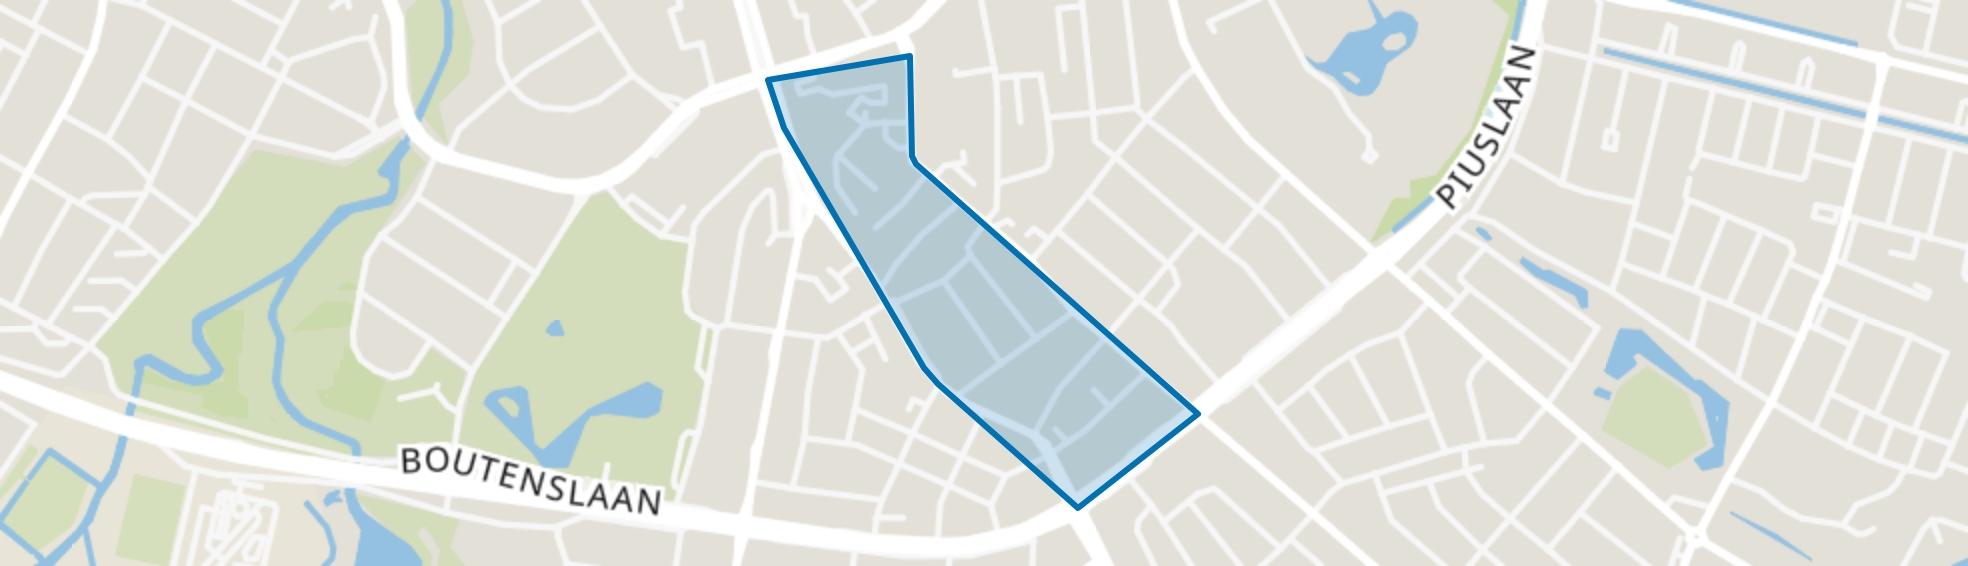 Joriskwartier, Eindhoven map